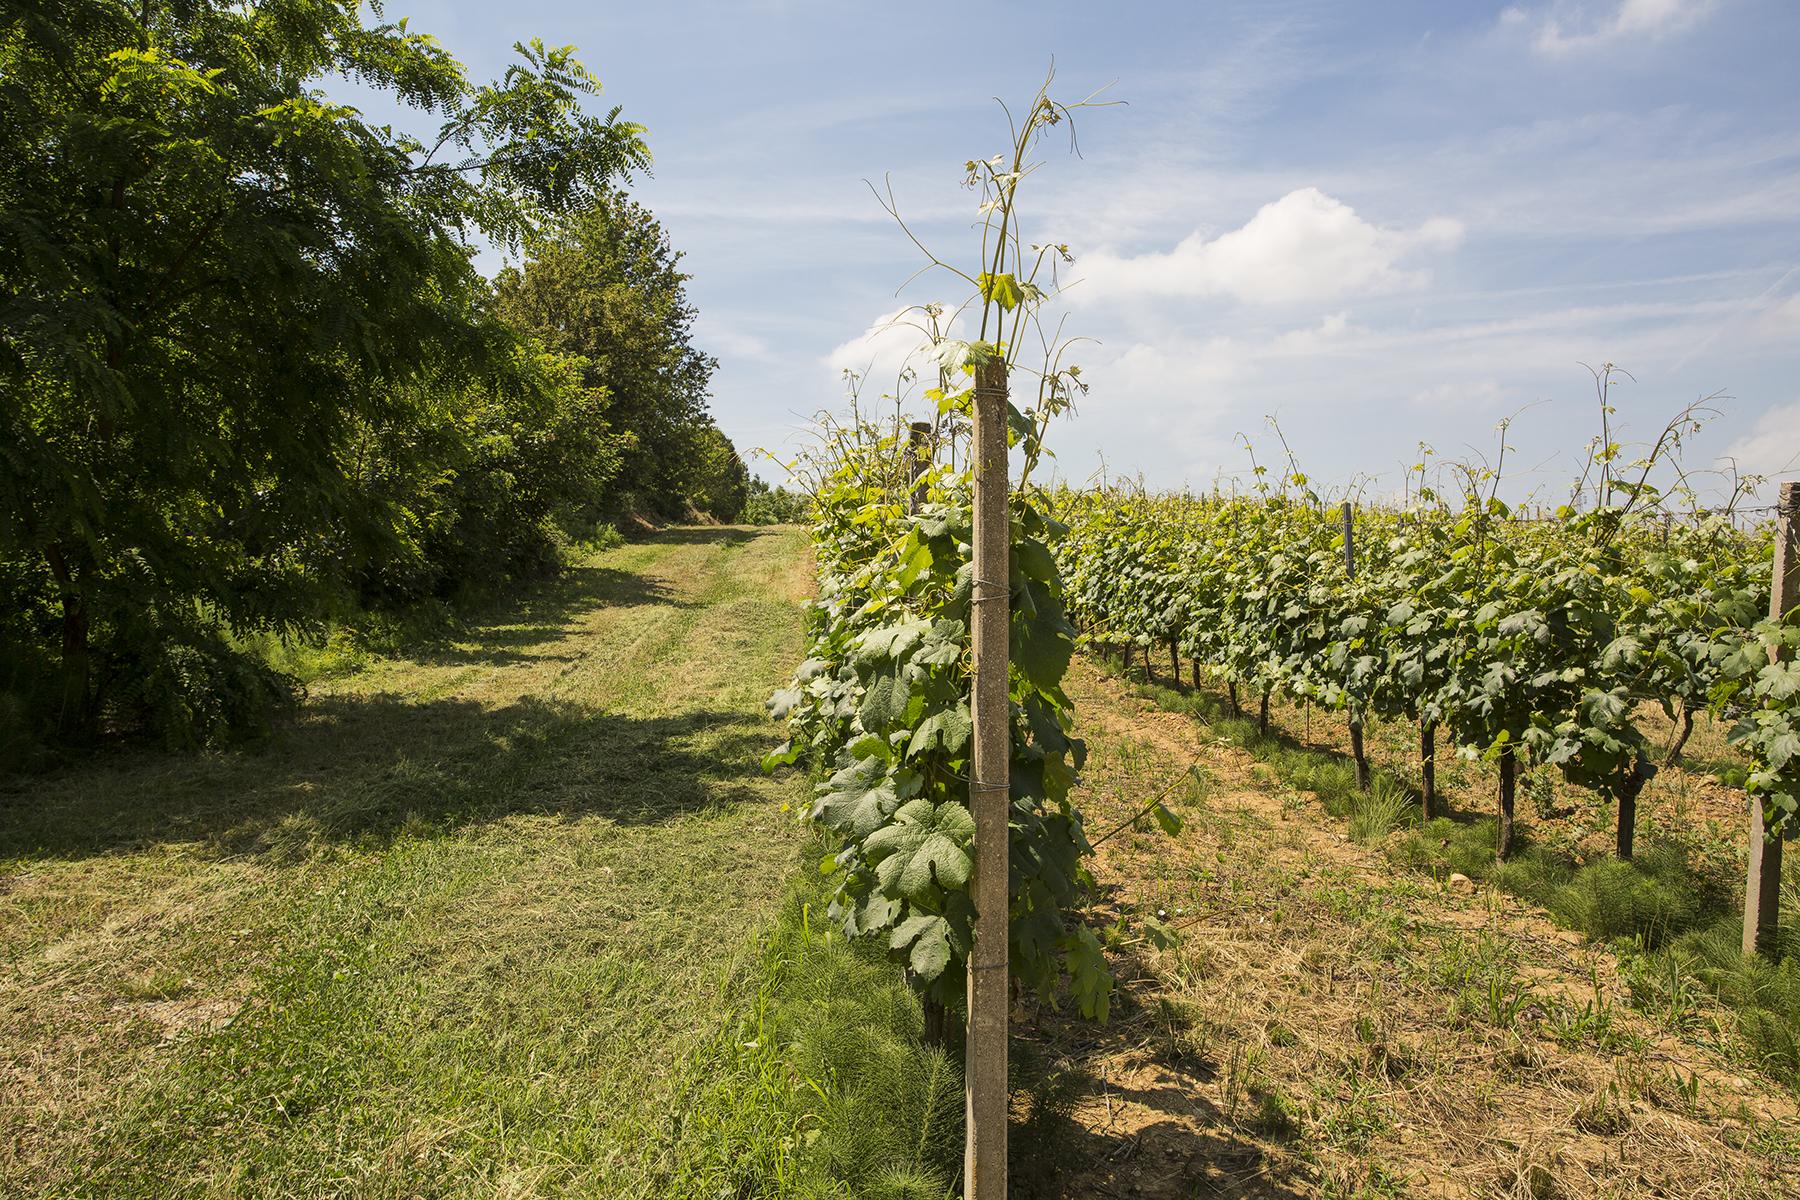 Single Family Home for Sale at Farmhouse in the Gavi hills Strada di Monterotondo Gavi Novi Ligure, Alessandria 15060 Italy